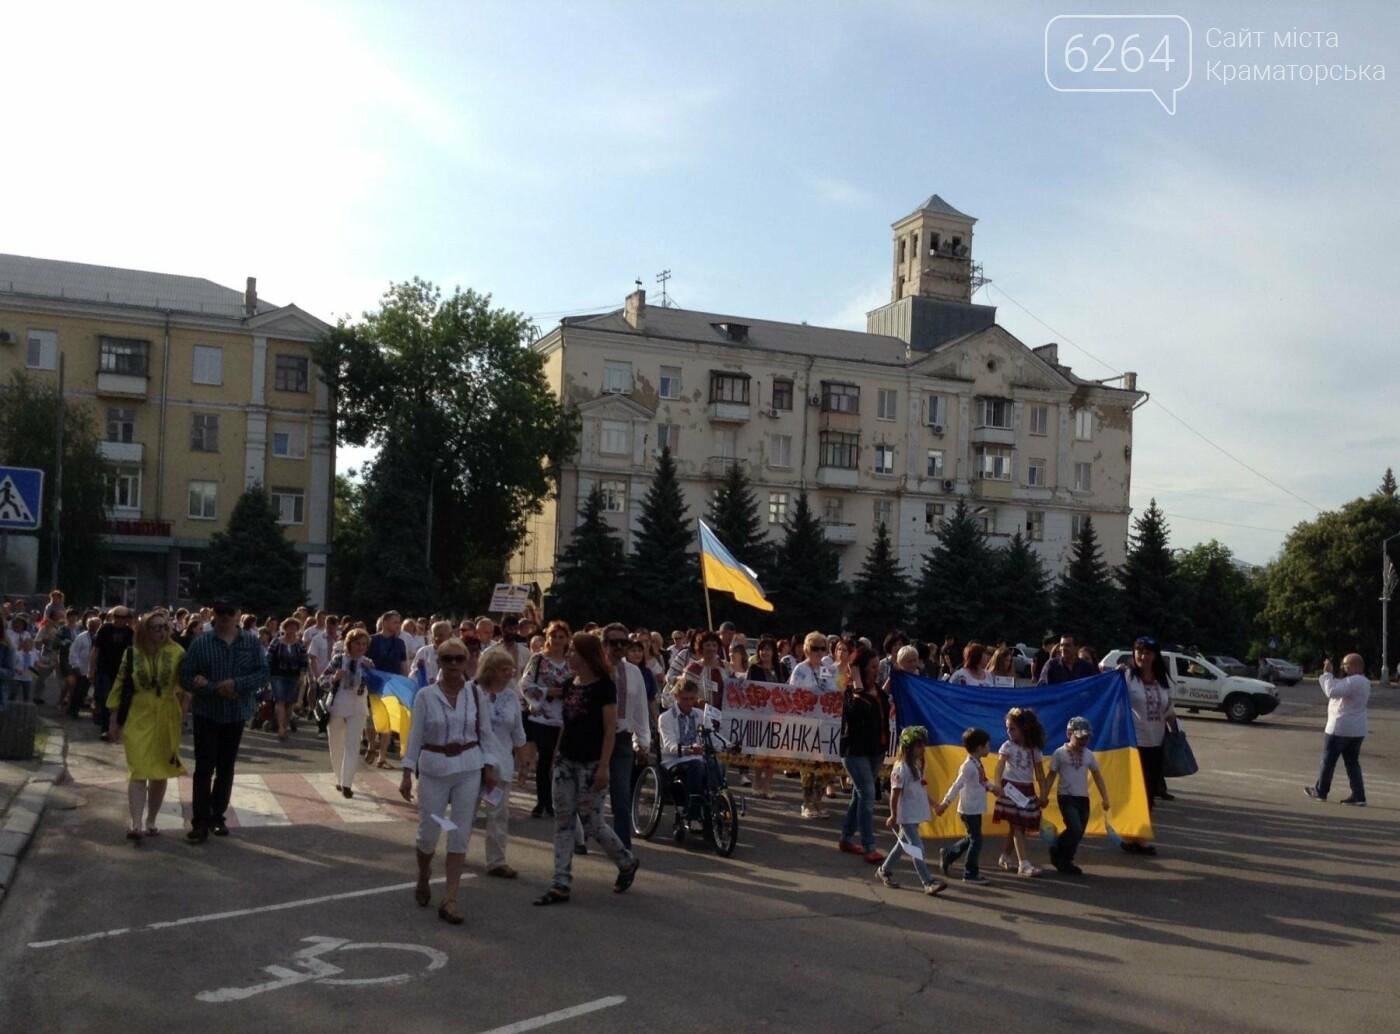 В Краматорске праздничным шествием доказали, что «Вышиванка - это код нации», фото-2